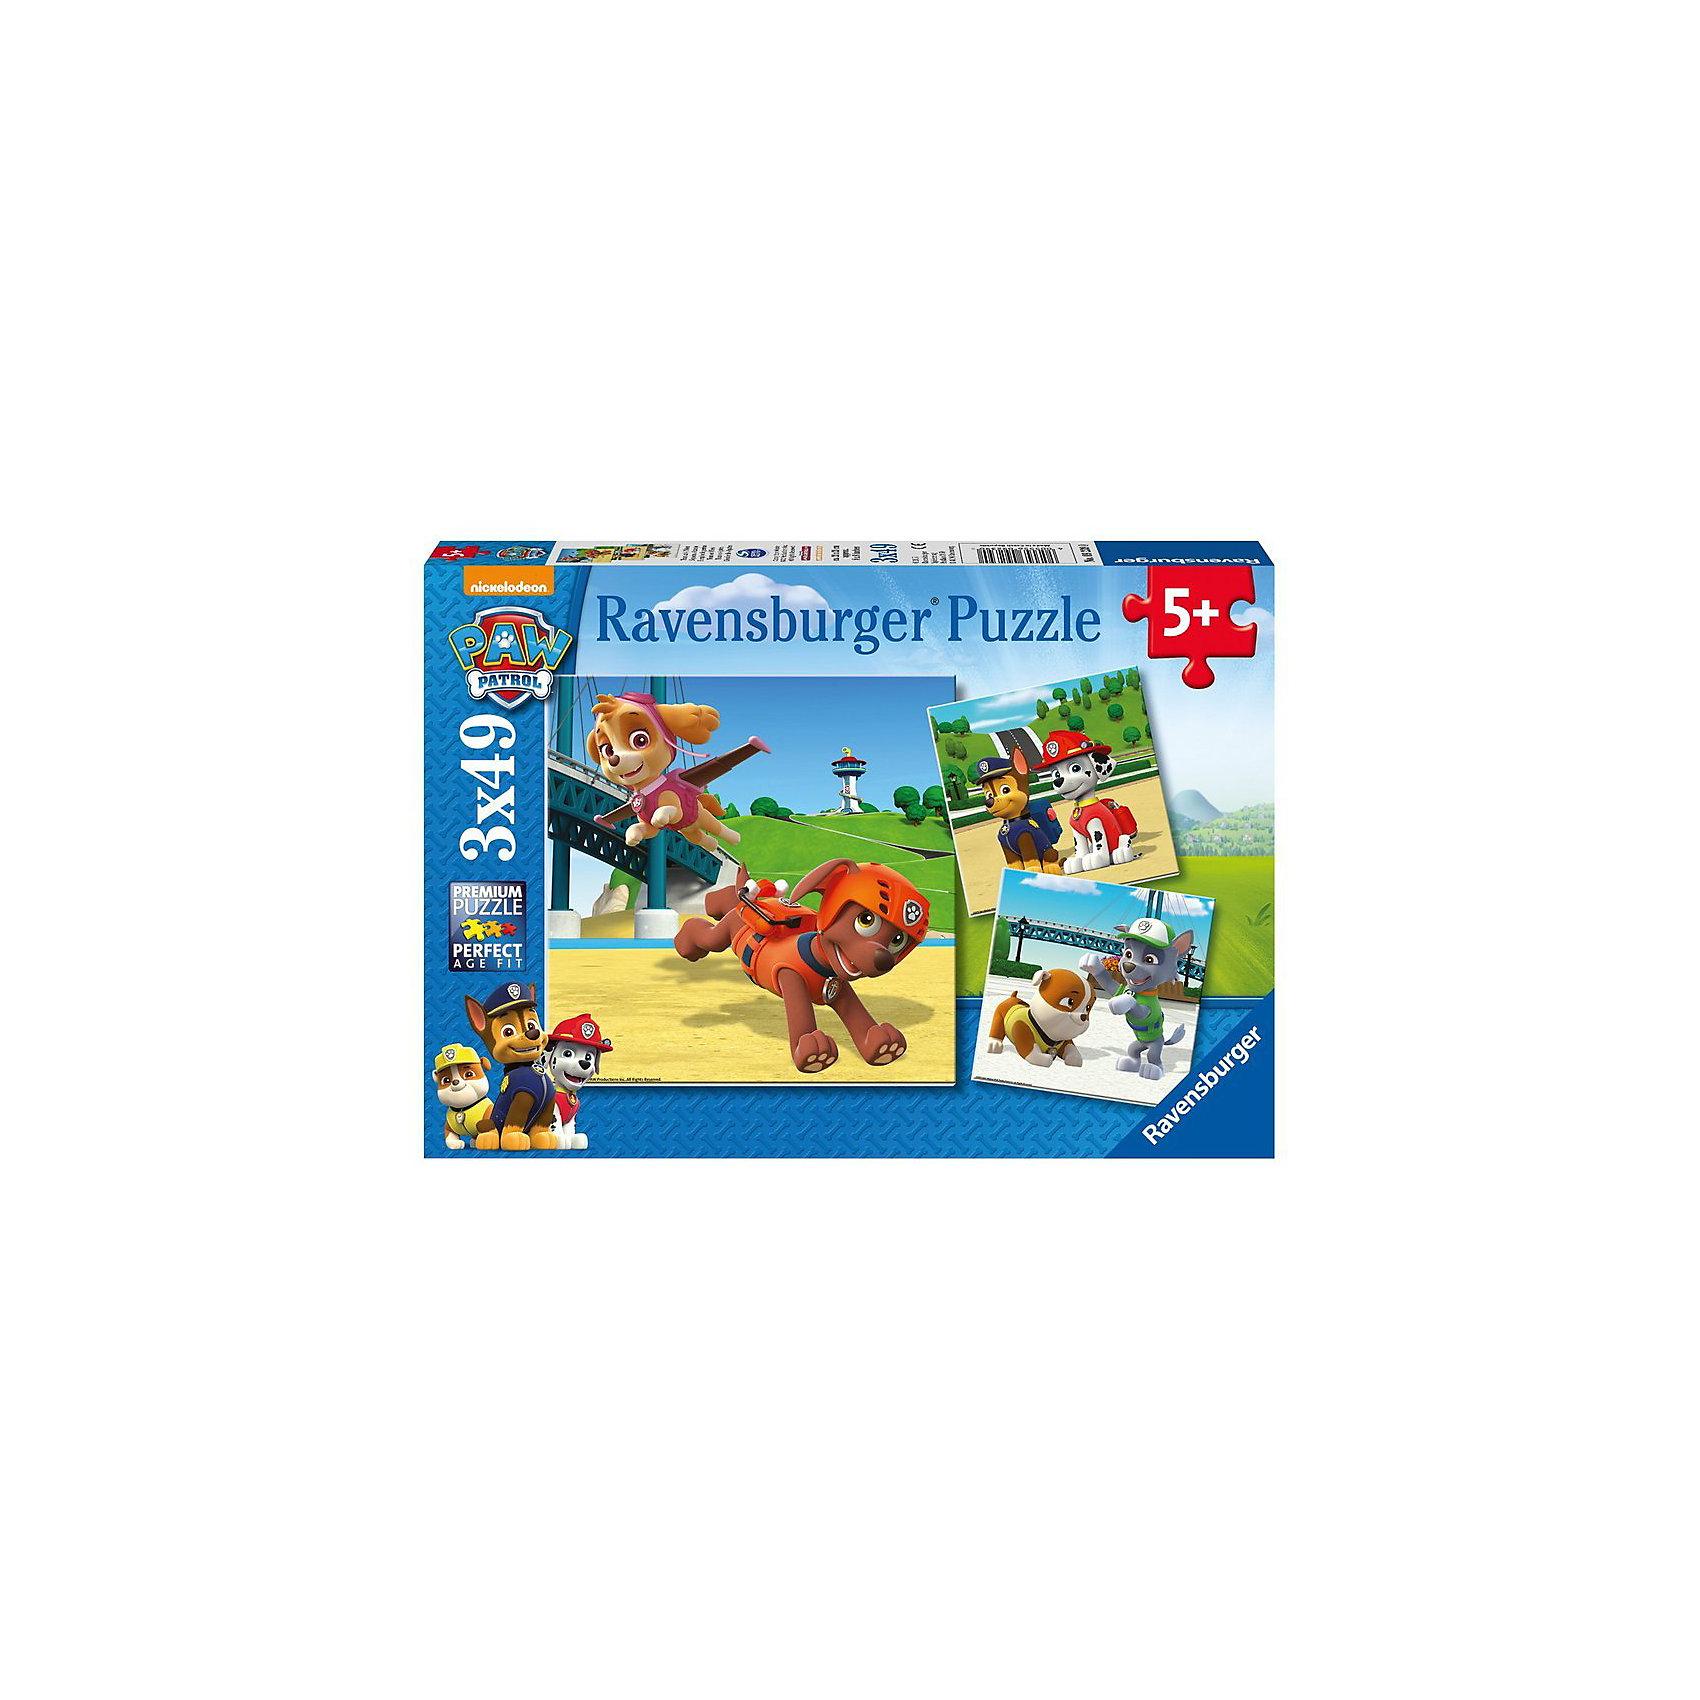 Набор пазлов Щенячий патруль, 3х49 детали, RavensburgerПазлы для малышей<br>Набор пазлов Щенячий патруль, 3х49 детали, Ravensburger (Равенсбургер) – это развивающая игра-головоломка для детей.<br>Красочные пазлы Щенячий патруль от немецкого производителя Ravensburger (Равенсбургер) изготовлены из качественного экологичного материала. Из деталей можно собрать три красочные картинки, на которых изображены персонажи знаменитого мультсериала Щенячий патруль: девочка-щенок Скай с щенком по имени Зума, гонщик Чейз и долматинец Маршал, упитанный щенок Крепыш и песик Рокки. Процесс сборки пазлов не только увлечет ребенка, но поможет развить мелкую моторику рук, наблюдательность, логическое мышление, усидчивость, терпение, аккуратность, внимание. Пазлы Ravensburger (Равенсбургер) - это высочайшее качество картона и полиграфии. Детали пазла не ломаются, не подвергаются деформации при сборке. Элементы пазла идеально соединяются друг с другом, не отслаиваются с течением времени. Матовая поверхность исключает отблески.<br><br>Дополнительная информация:<br><br>- Количество деталей: 3 пазла по 49 деталей<br>- Размер готовой картинки: 21х21 см.<br>- Материал: прочный, качественный картон<br>- Размер упаковки: 27,5 x 19 x 4 см.<br><br>Набор пазлов Щенячий патруль, 3х49 детали, Ravensburger (Равенсбургер) можно купить в нашем интернет-магазине.<br><br>Ширина мм: 279<br>Глубина мм: 190<br>Высота мм: 37<br>Вес г: 341<br>Возраст от месяцев: 60<br>Возраст до месяцев: 84<br>Пол: Унисекс<br>Возраст: Детский<br>Количество деталей: 49<br>SKU: 4708087